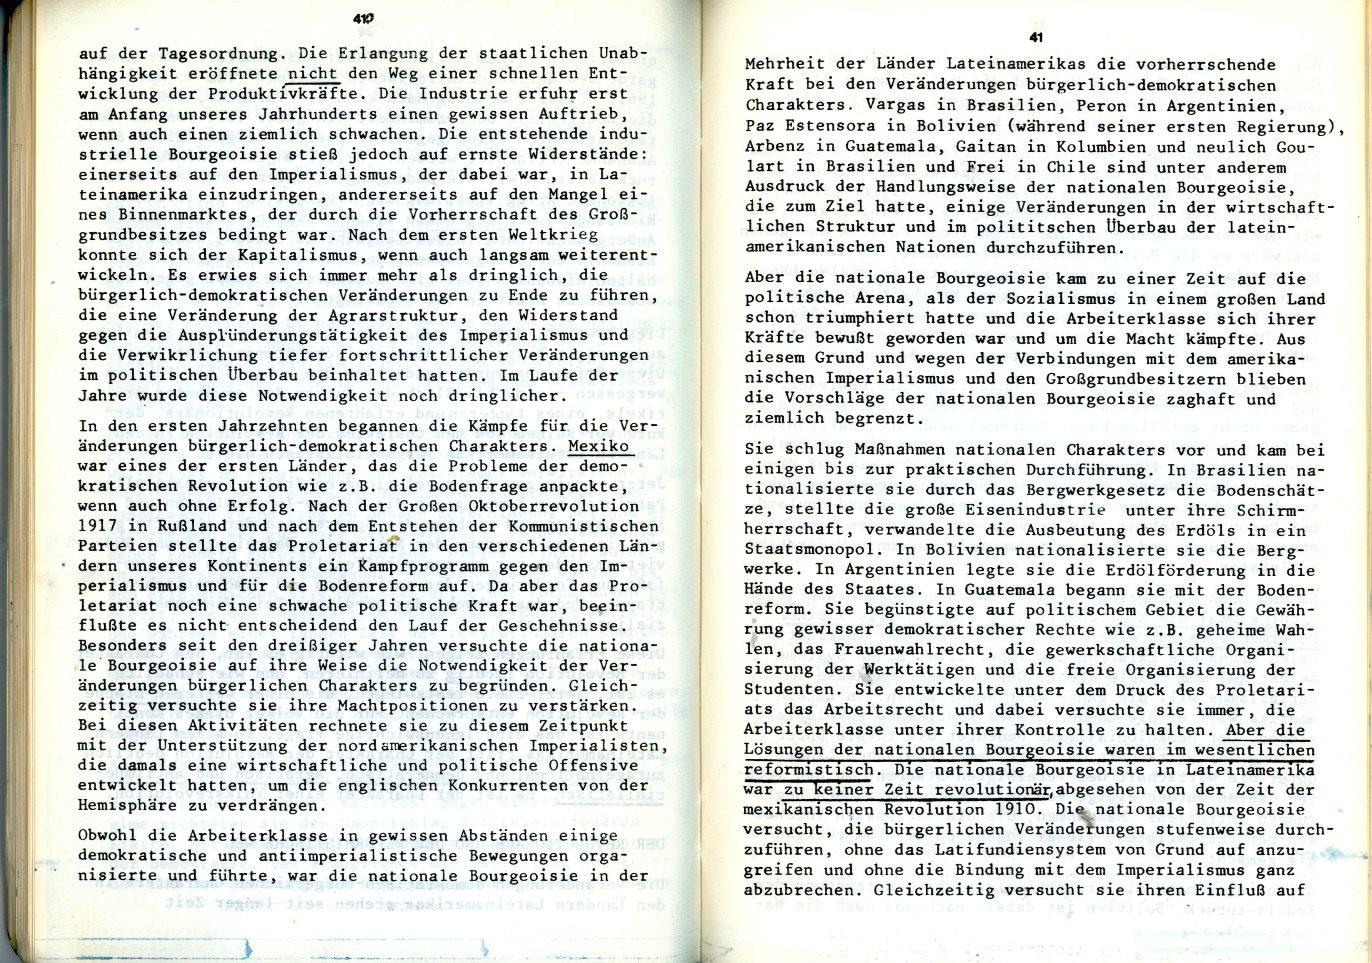 MLSK_Theorie_und_Praxis_des_ML_1978_20_29